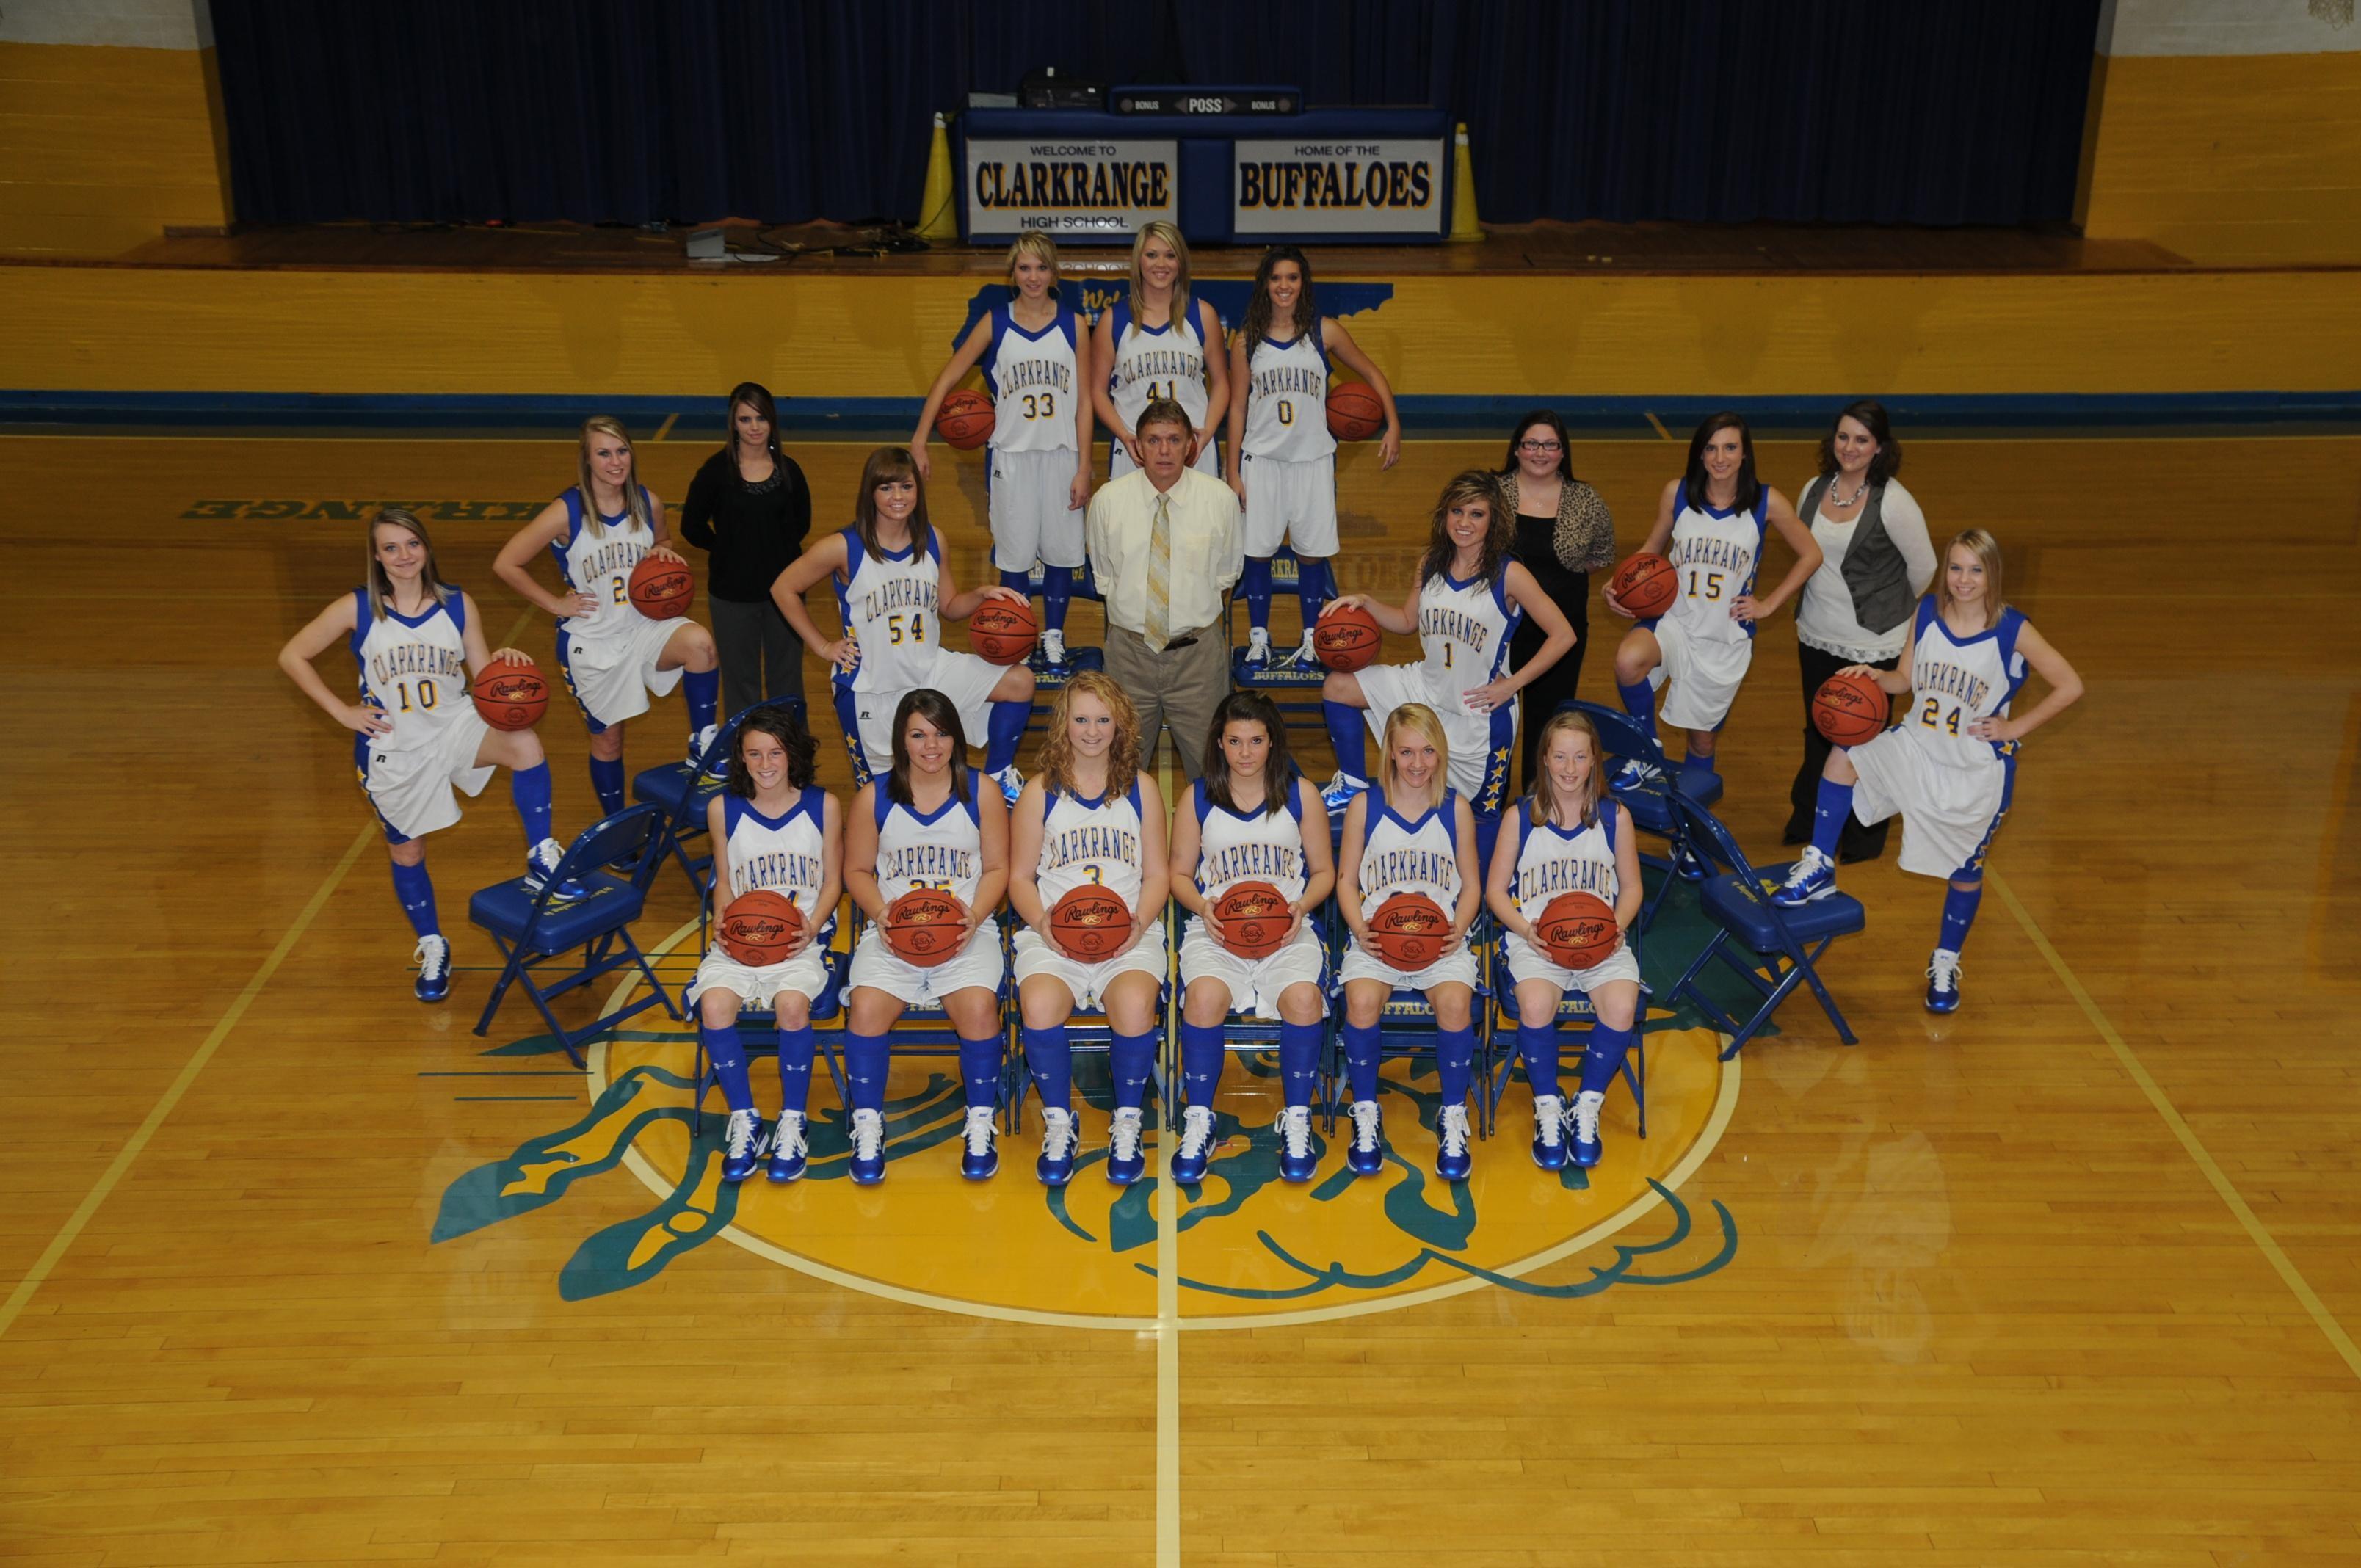 Girls Basketball Backgrounds, wallpaper, Girls Basketball Backgrounds .